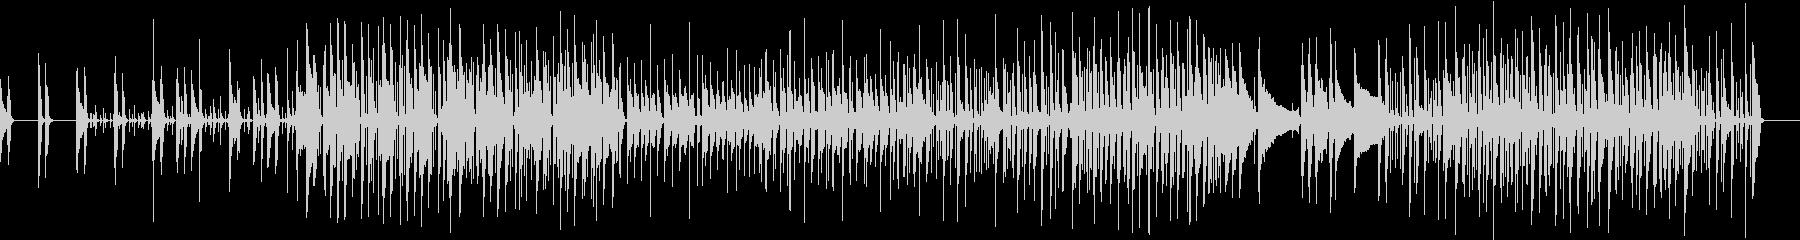 軽快な3ピースバンドのファンクの未再生の波形